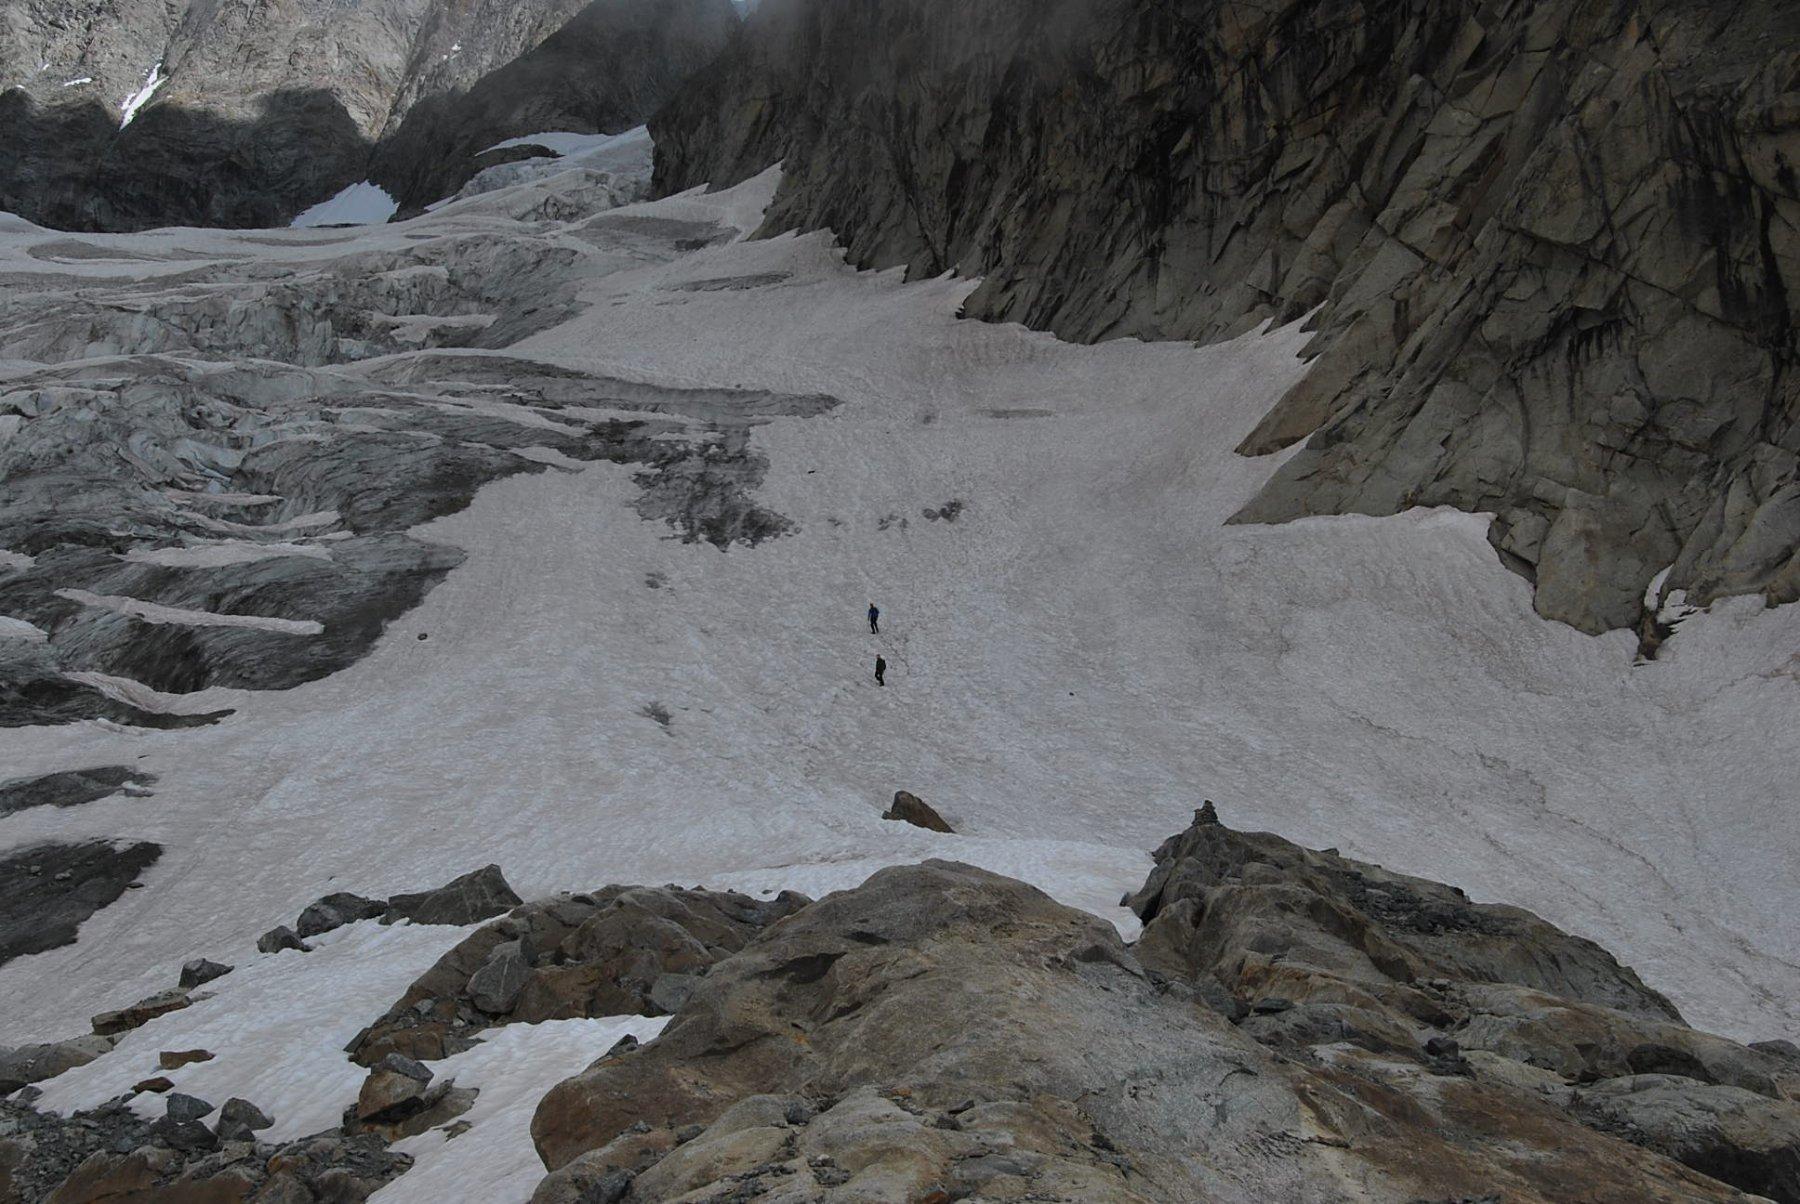 L'attacco del ghiacciaio per le Gd Jorasses, con due discesisti in arrivo